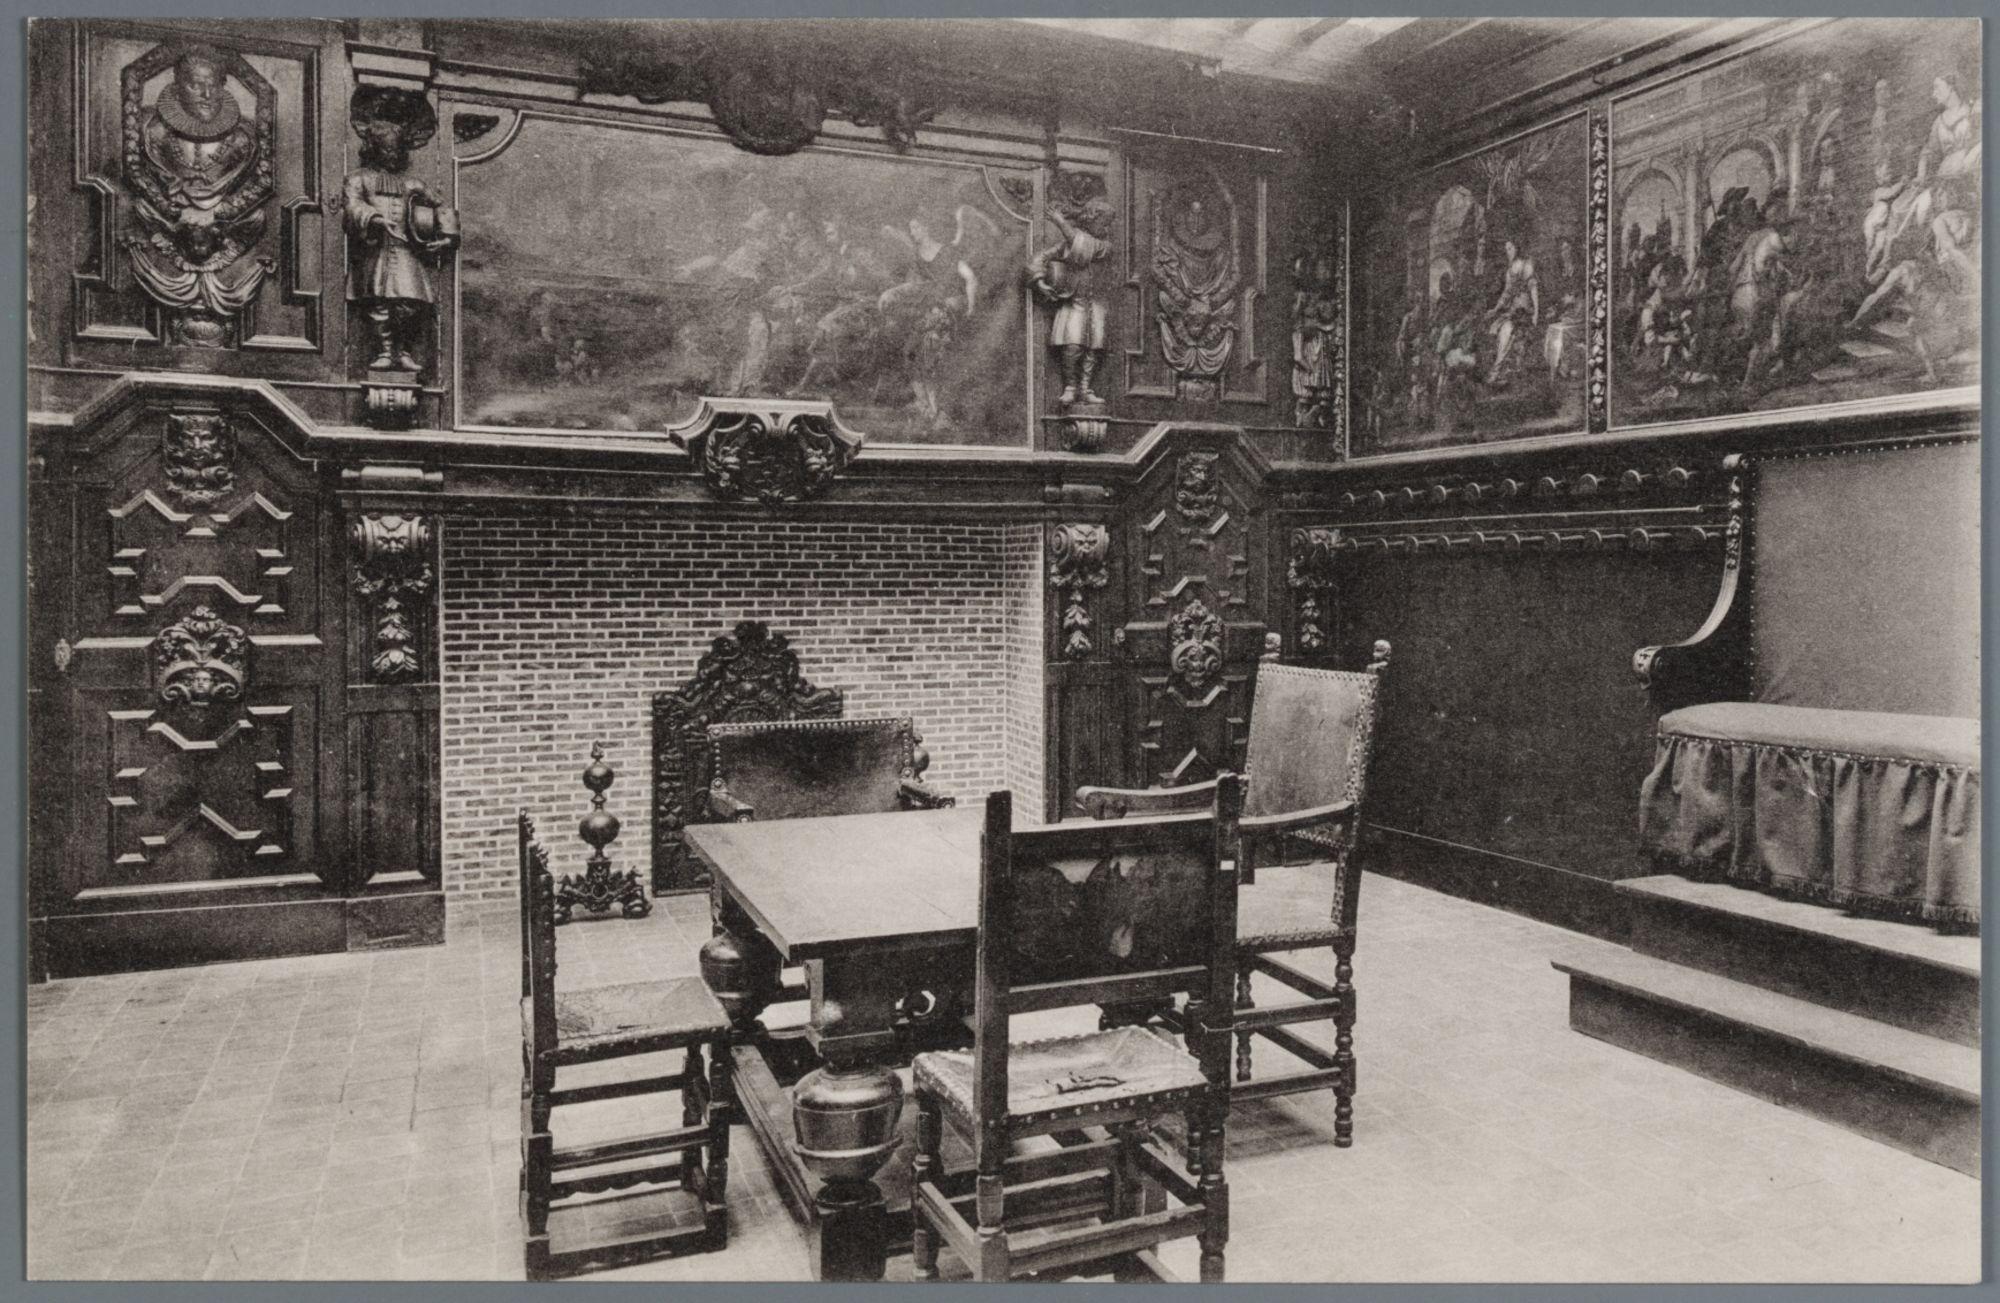 Gent: Wereldtentoonstelling 1913: tentoonstelling Oude Vlaamse Kunst in het Museum voor Schone Kunsten